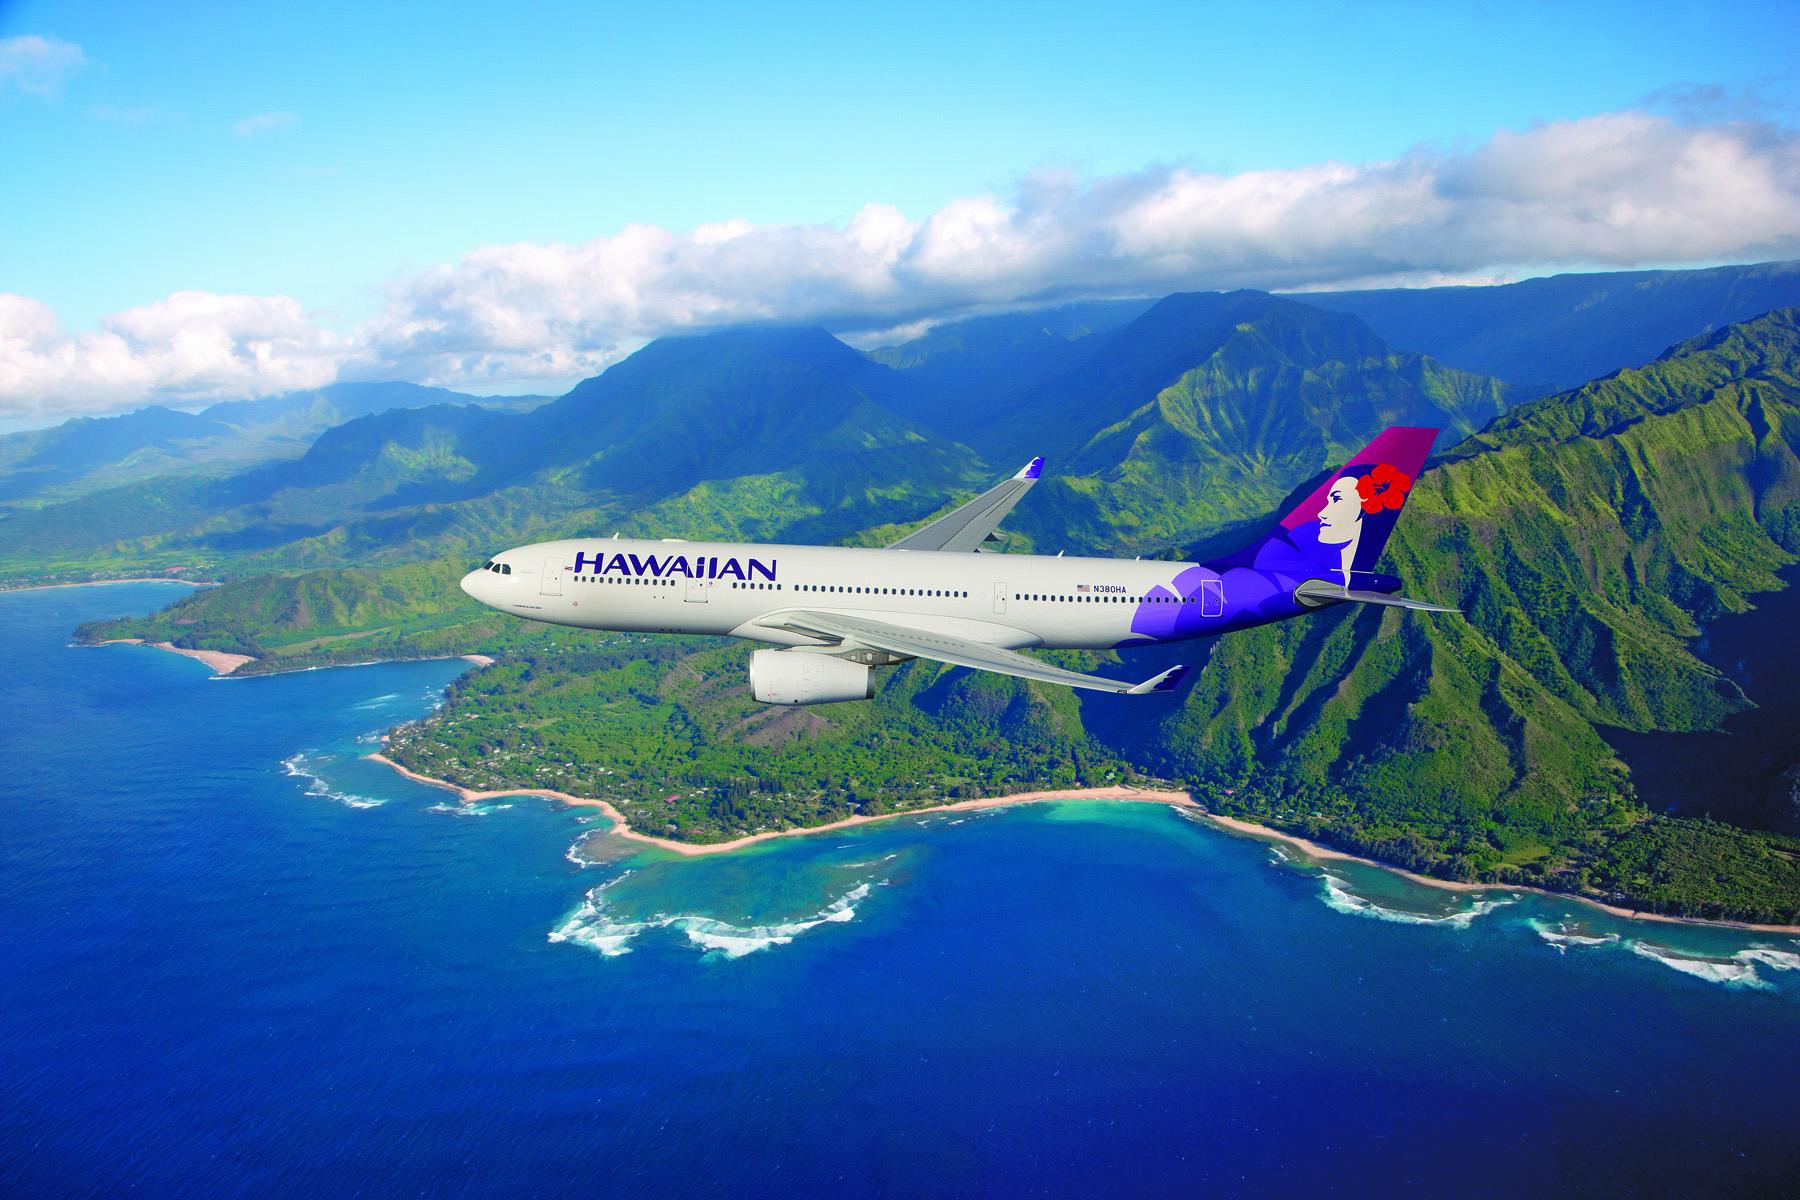 Hawaii presentation